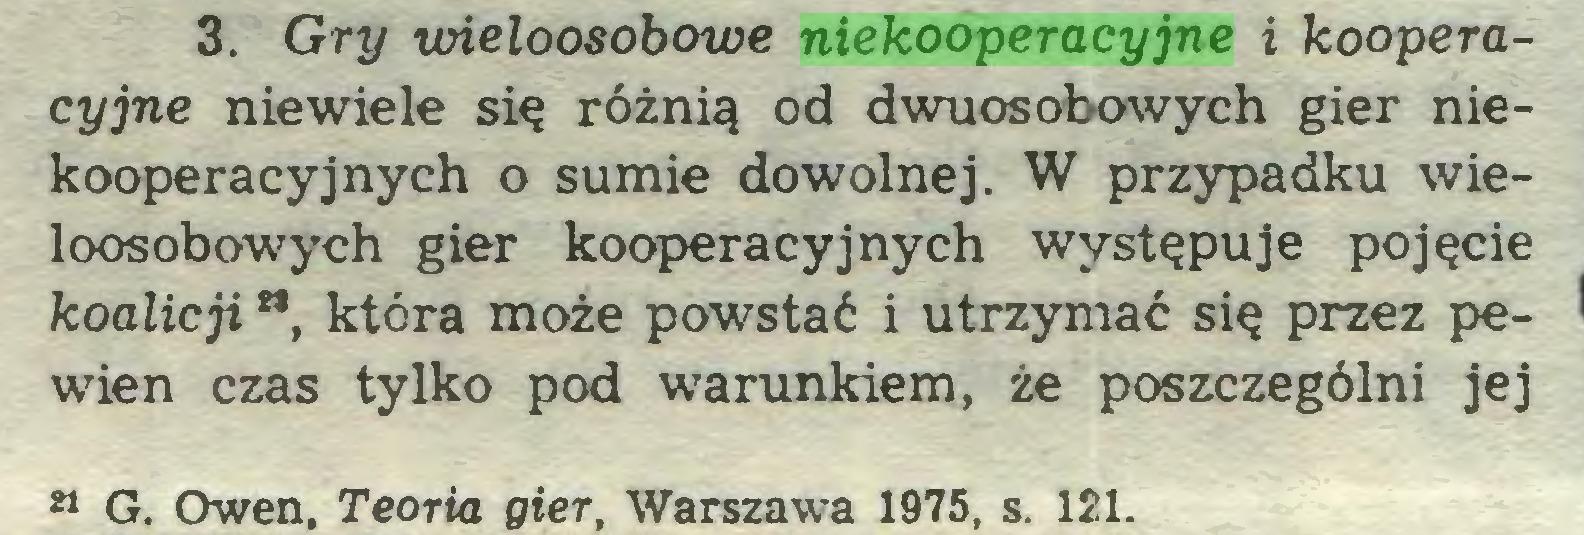 (...) 3. Gry uńeloosobowe niekooperacyjne i kooperacyjne niewiele się różnią od dwuosobowych gier niekooperacyjnych o sumie dowolnej. W przypadku wieloosobowych gier kooperacyjnych występuje pojęcie koalicji **, która może powstać i utrzymać się przez pewien czas tylko pod warunkiem, że poszczególni jej M G. Owen, Teoria gier, Warszawa 1975, s. 121...